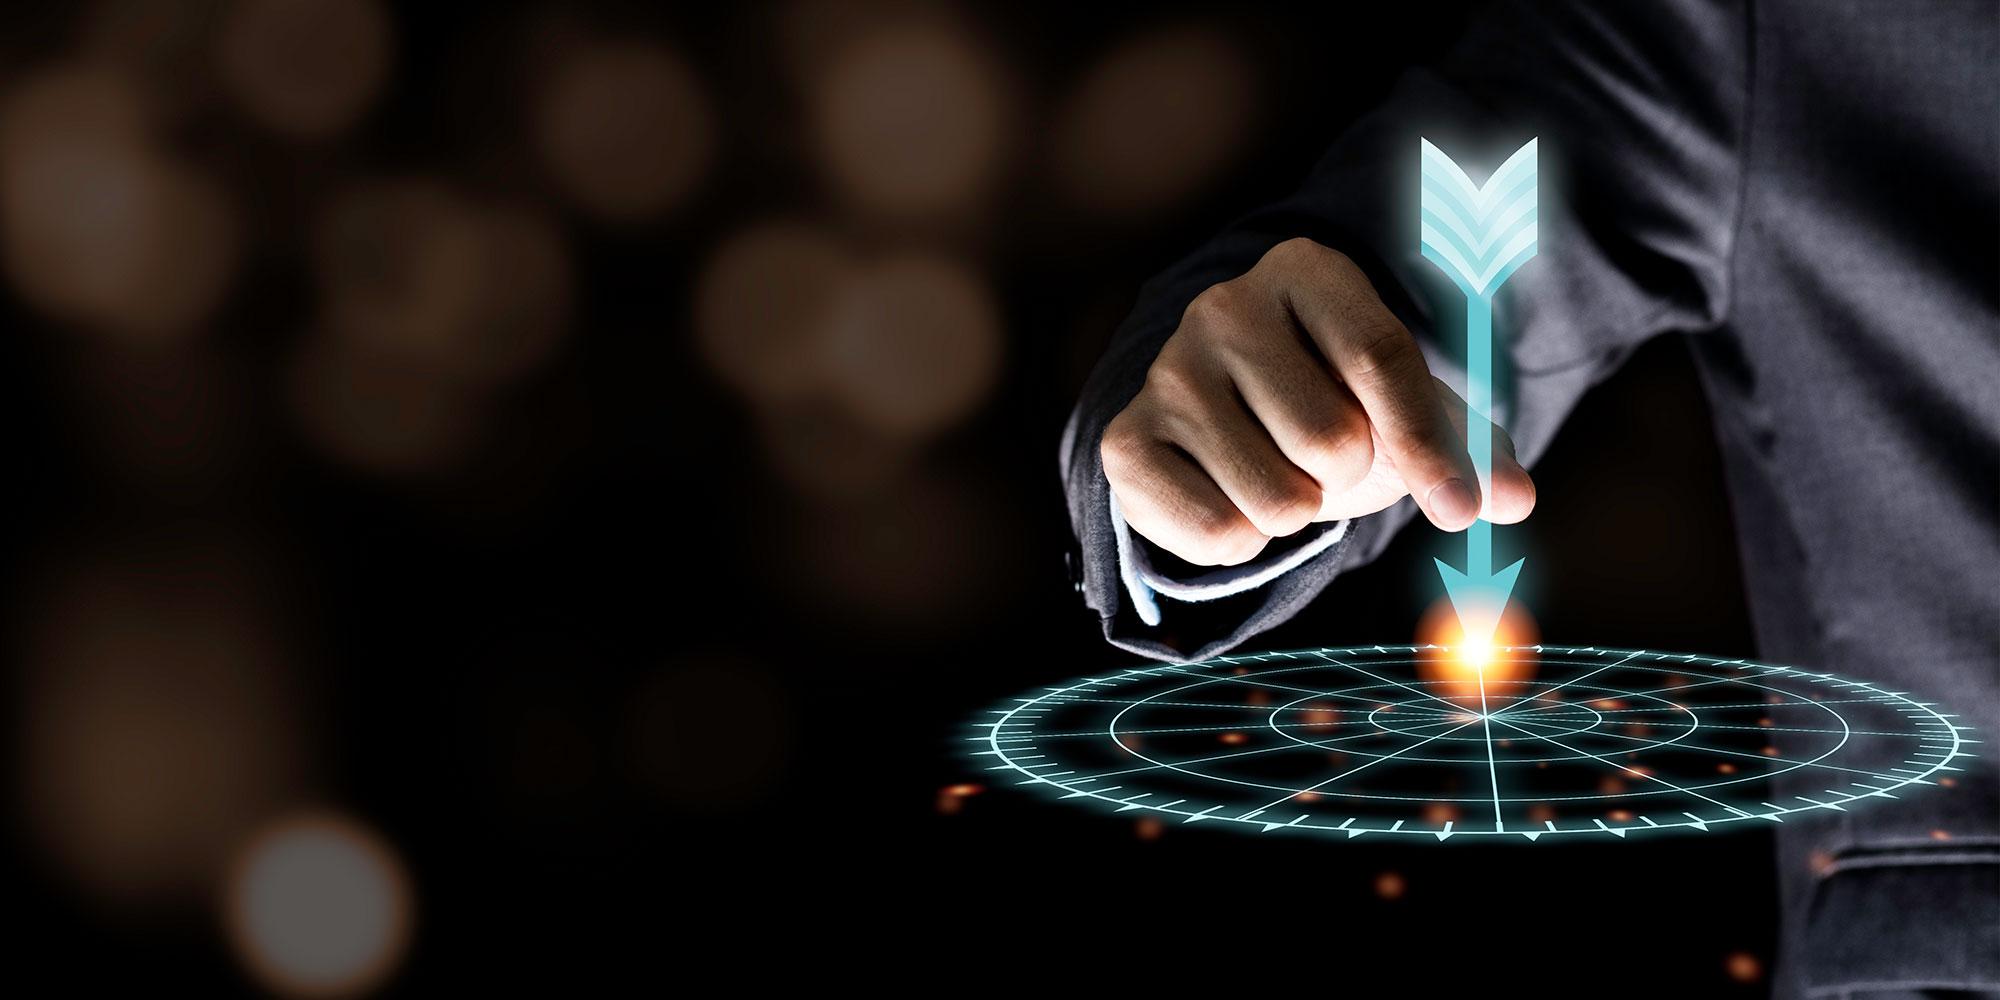 Conheça as estratégias de marketing permitidas pelo código de ética da OAB.